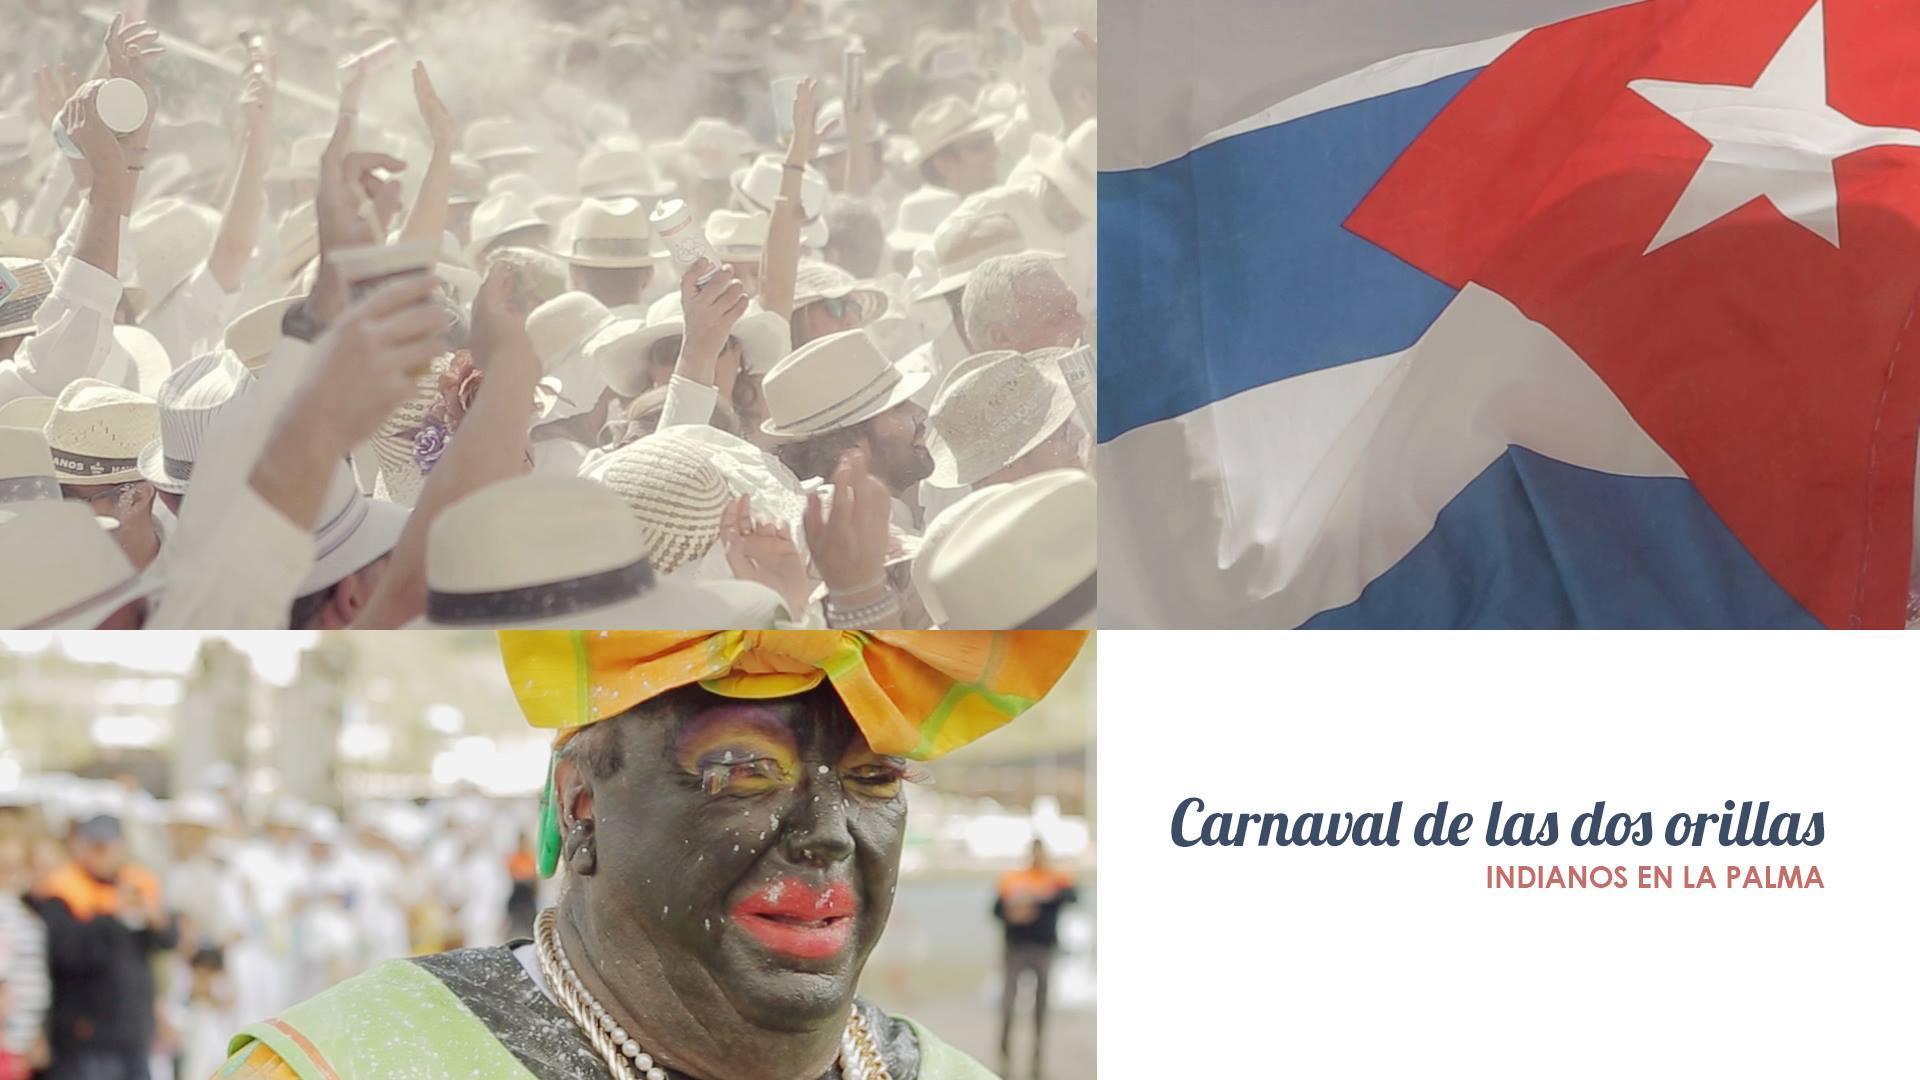 Carnaval de las dos orillas - Indianos La Palma por Caminos de Fiesta